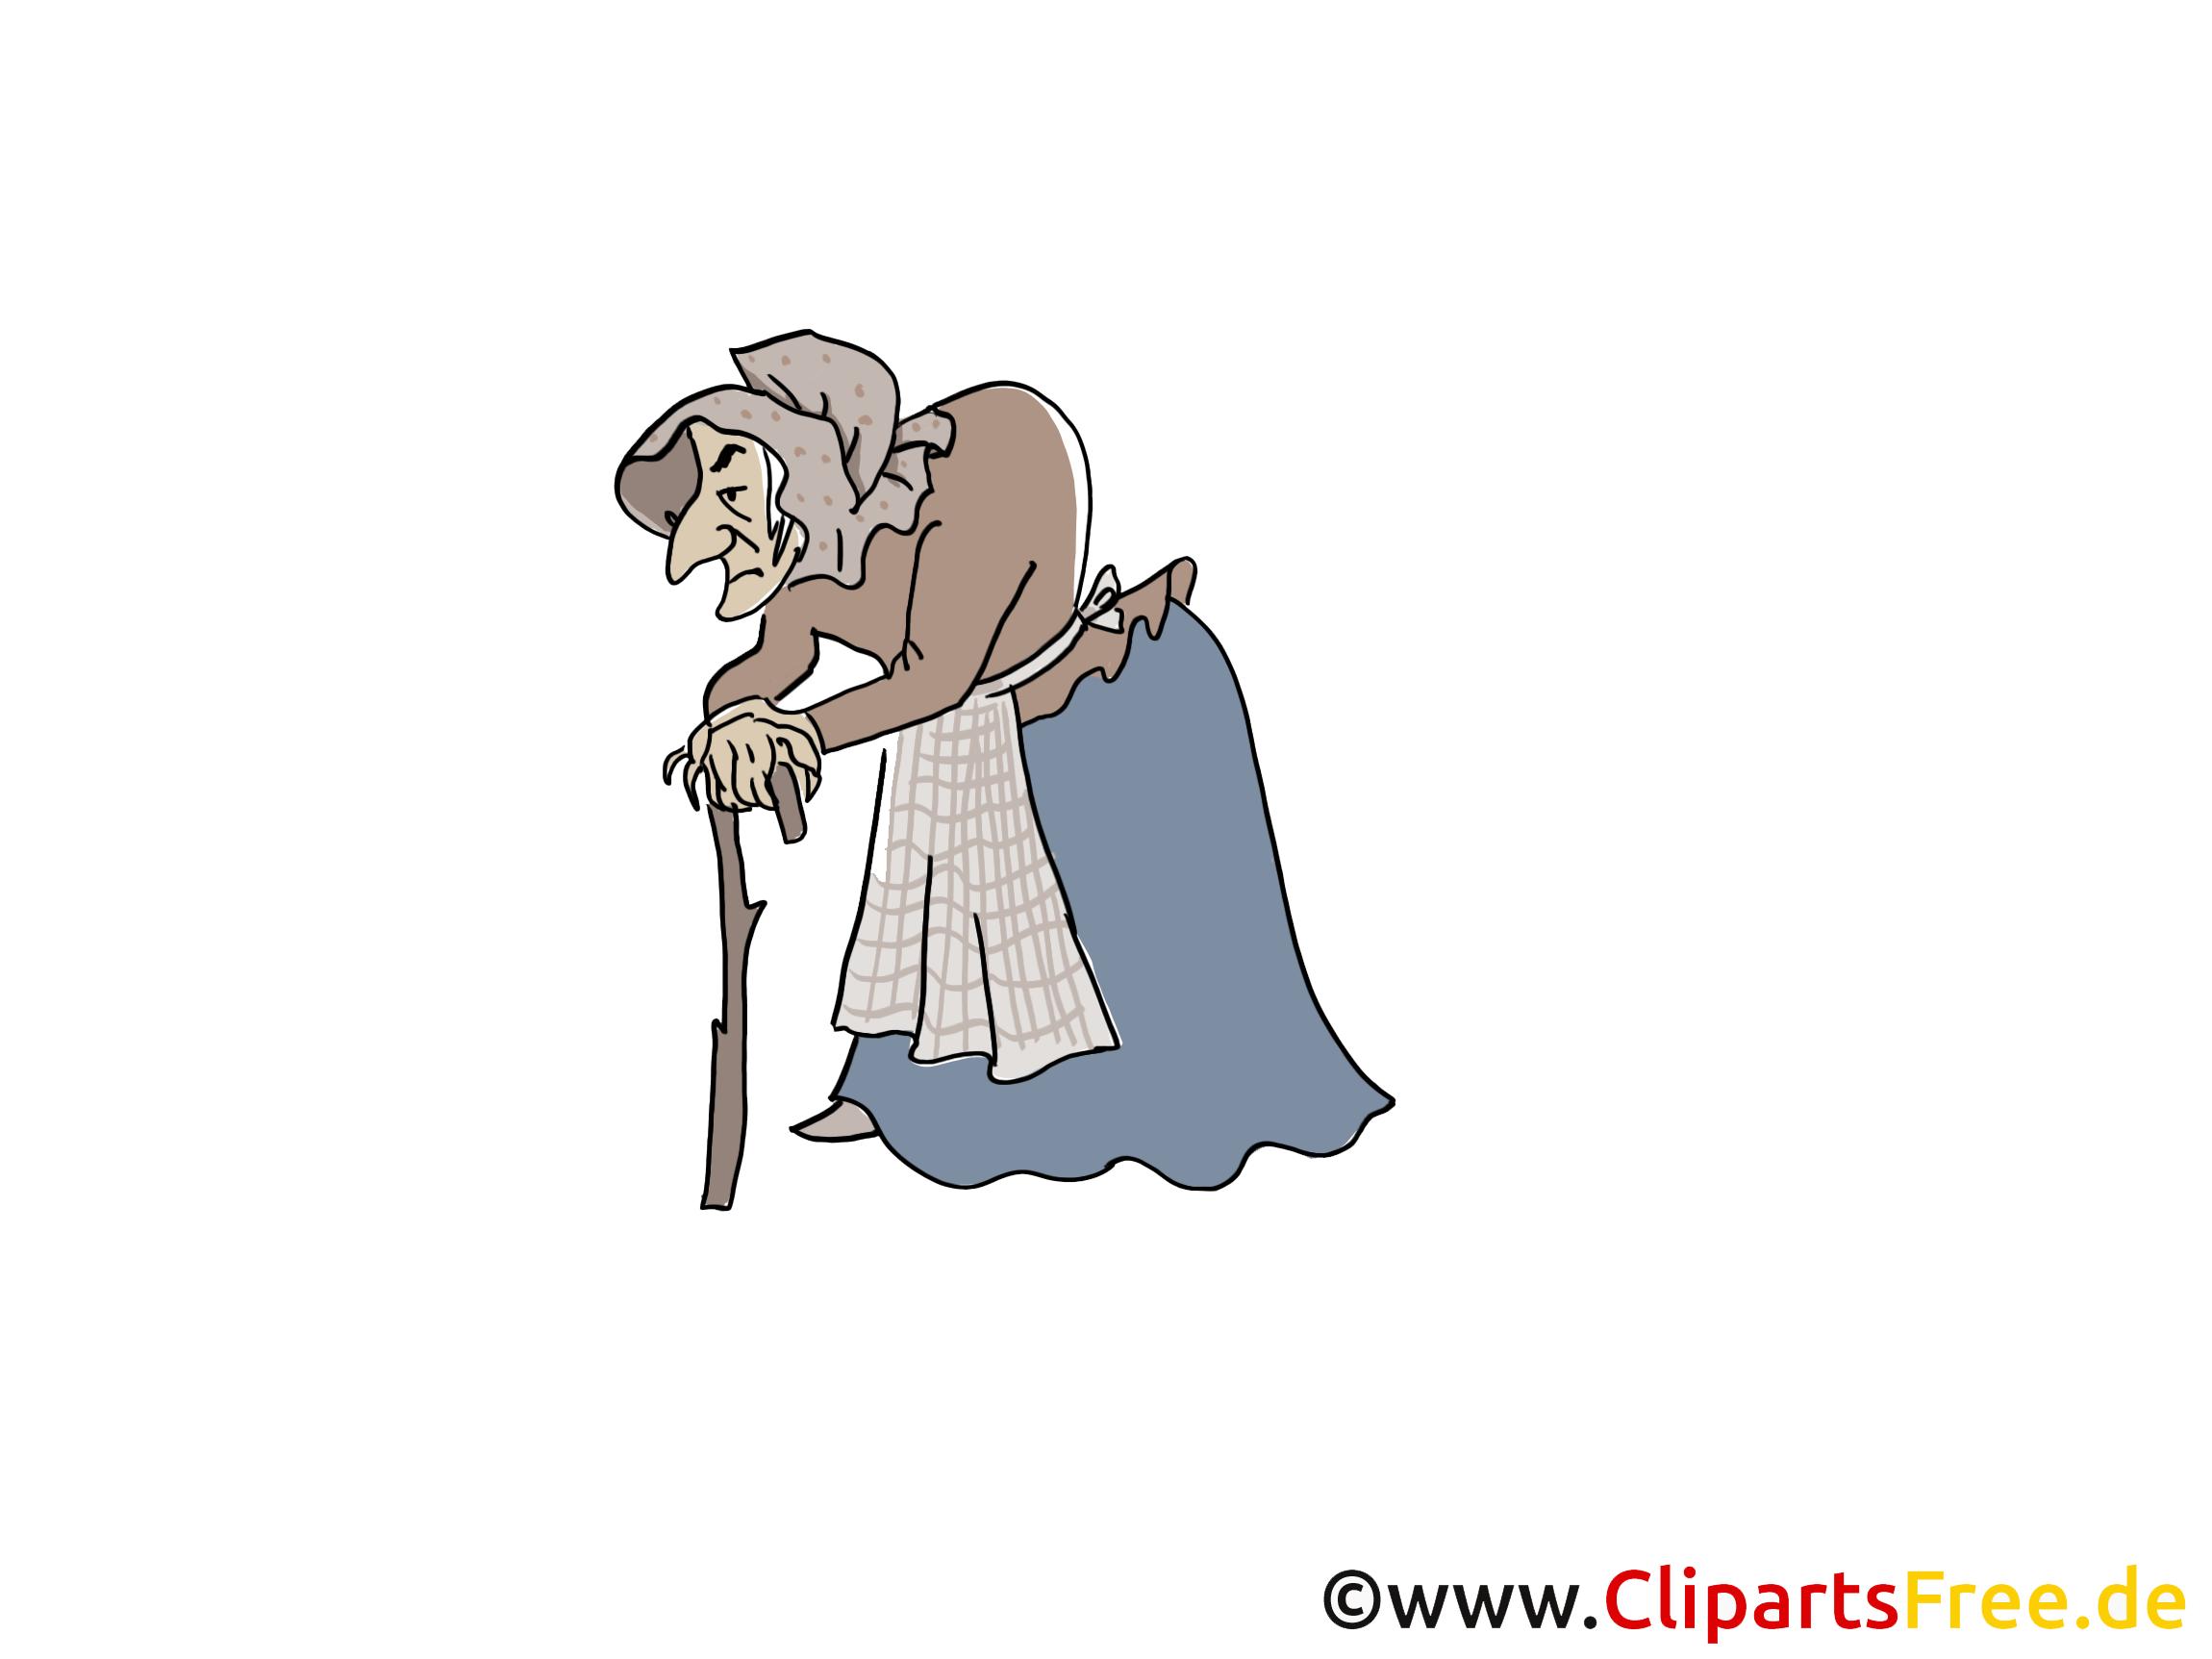 Heks van Sneeuw Wit sprookjebeeld, clipart, illustratie